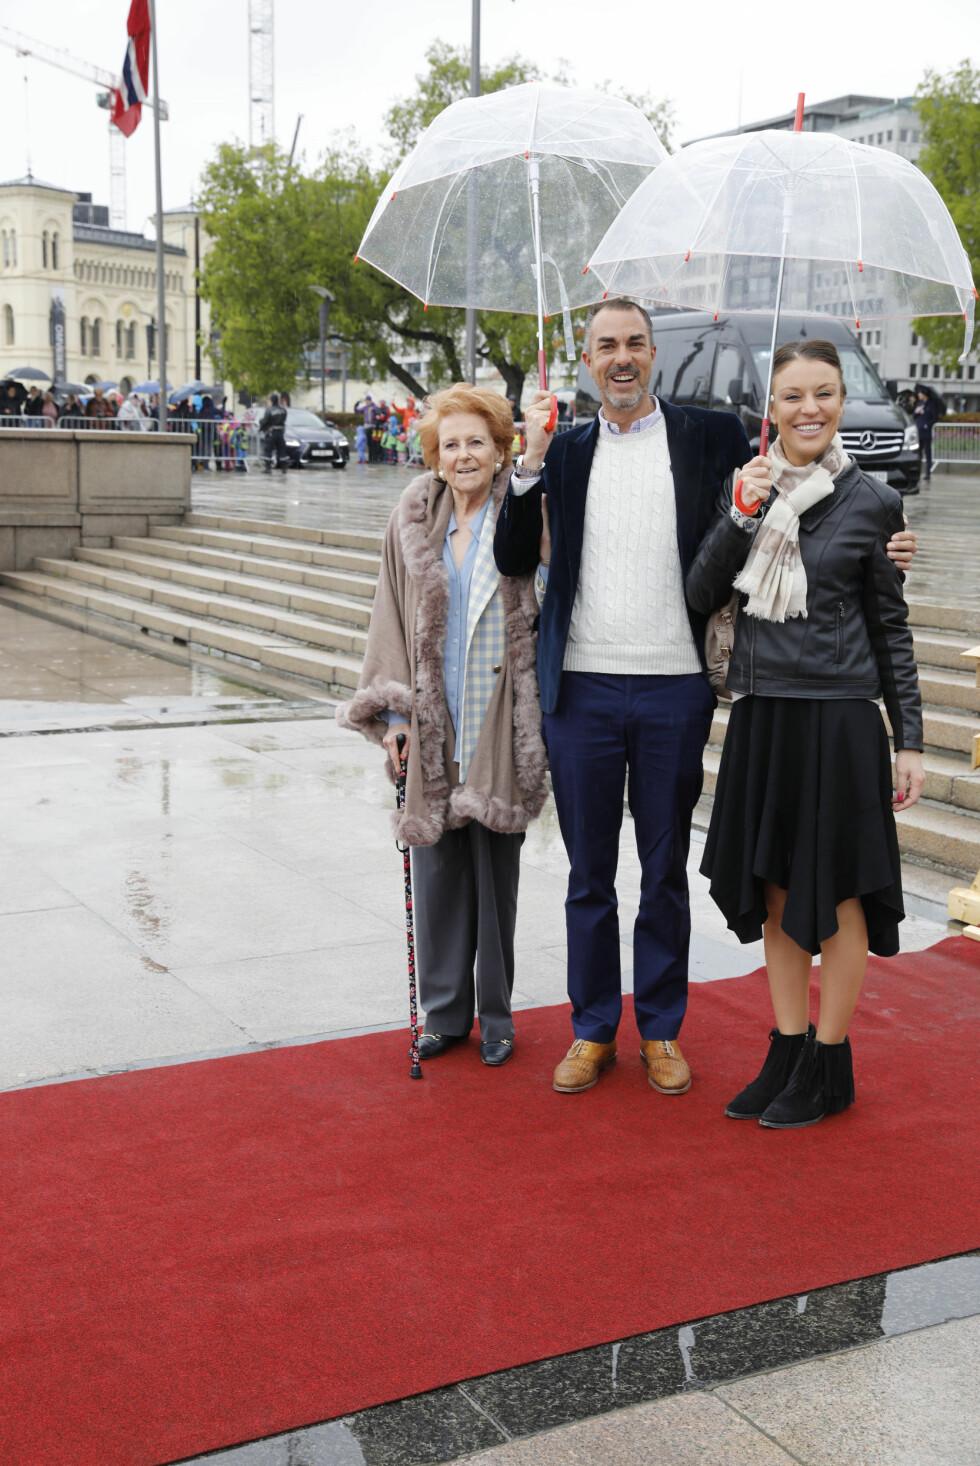 BURSDAGSFEST:  Lady Elizabeth Shakerley, Desirée Kogevinas og Carlos Eugster på honnørbrygga i Oslo på tur til lunsj på Kongeskipet Norge onsdag. Foto: Gorm Kallestad / NTB scanpix